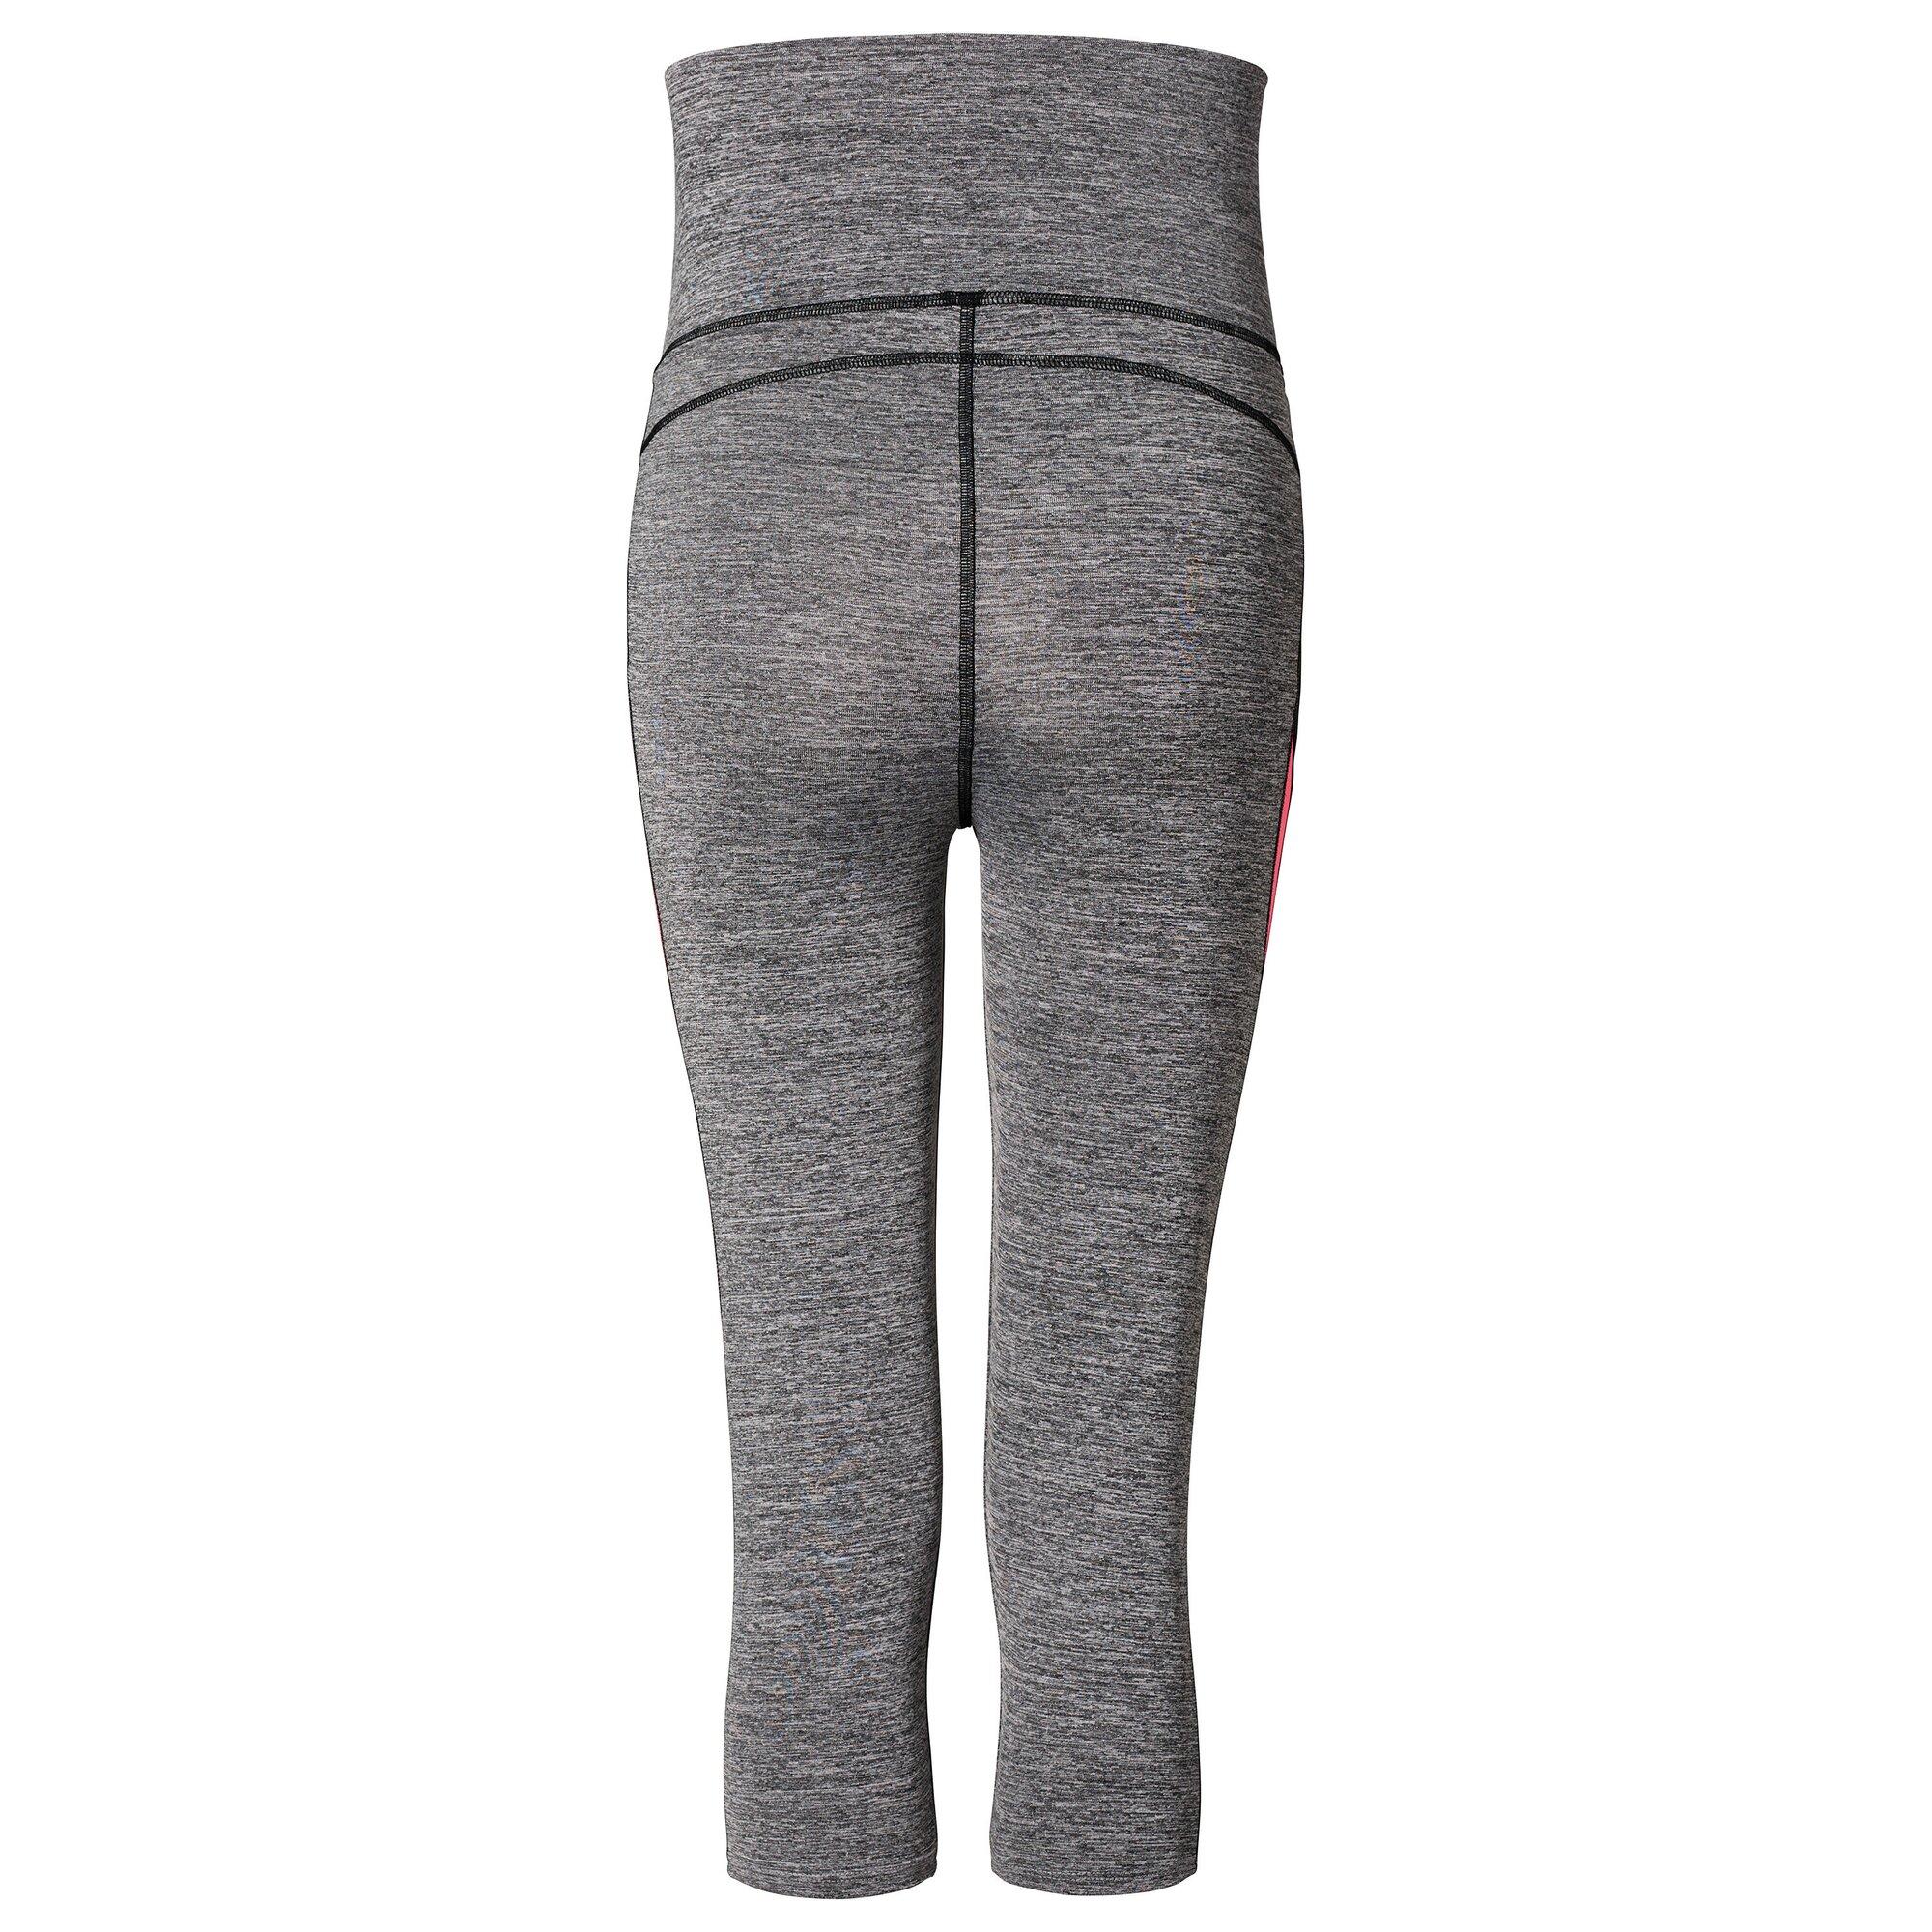 noppies-sport-legging-fenna